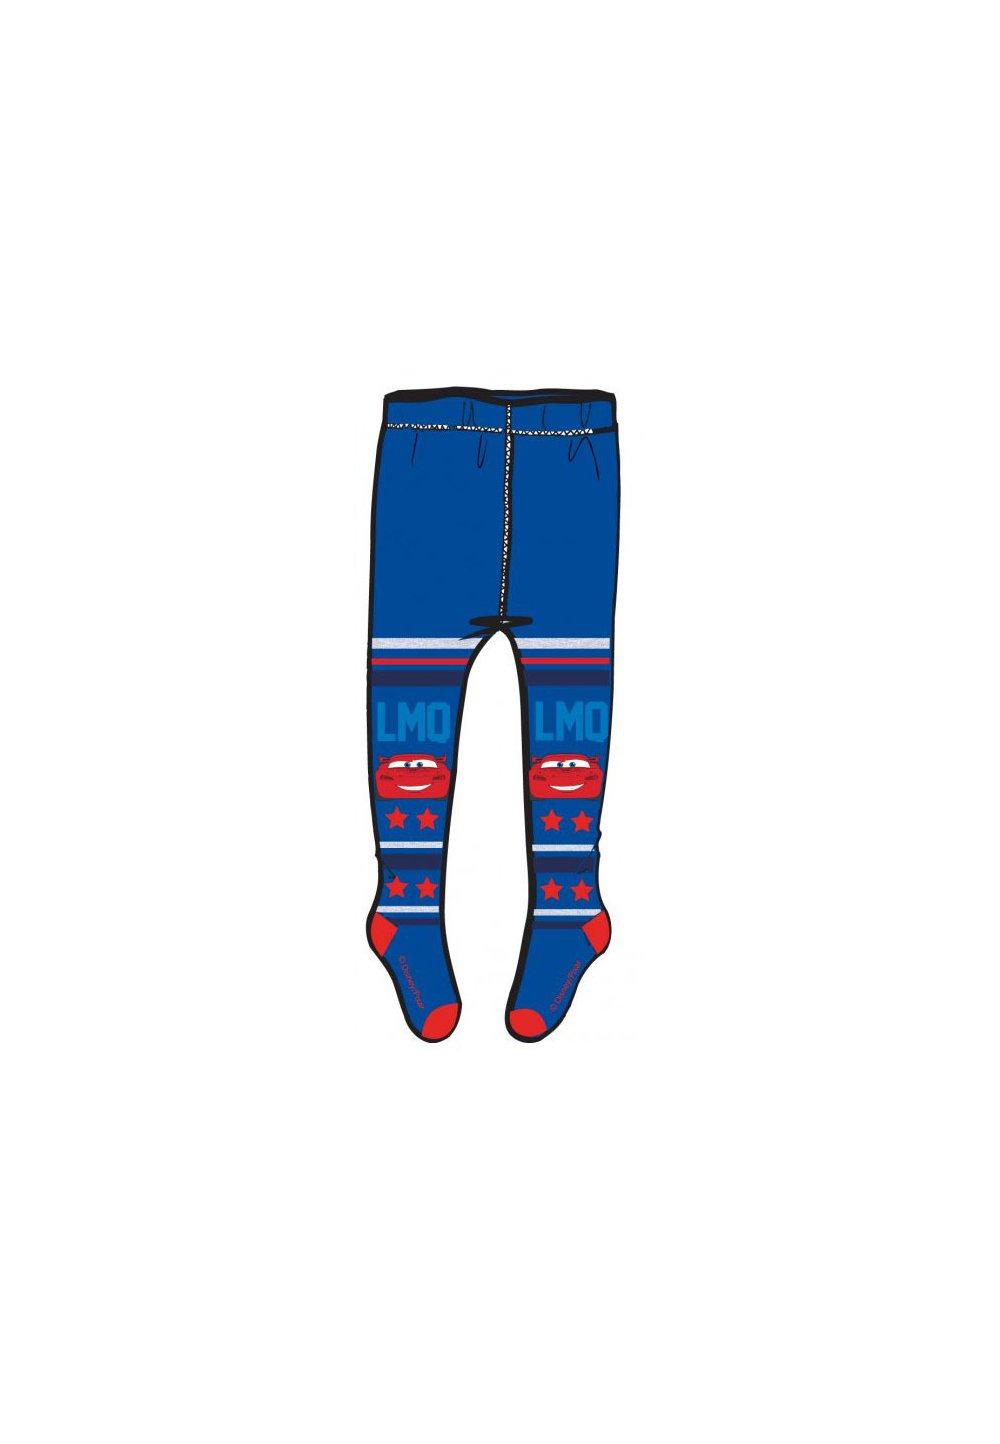 Ciorapi cu chilot, LMQ, bluemarin cu stele imagine